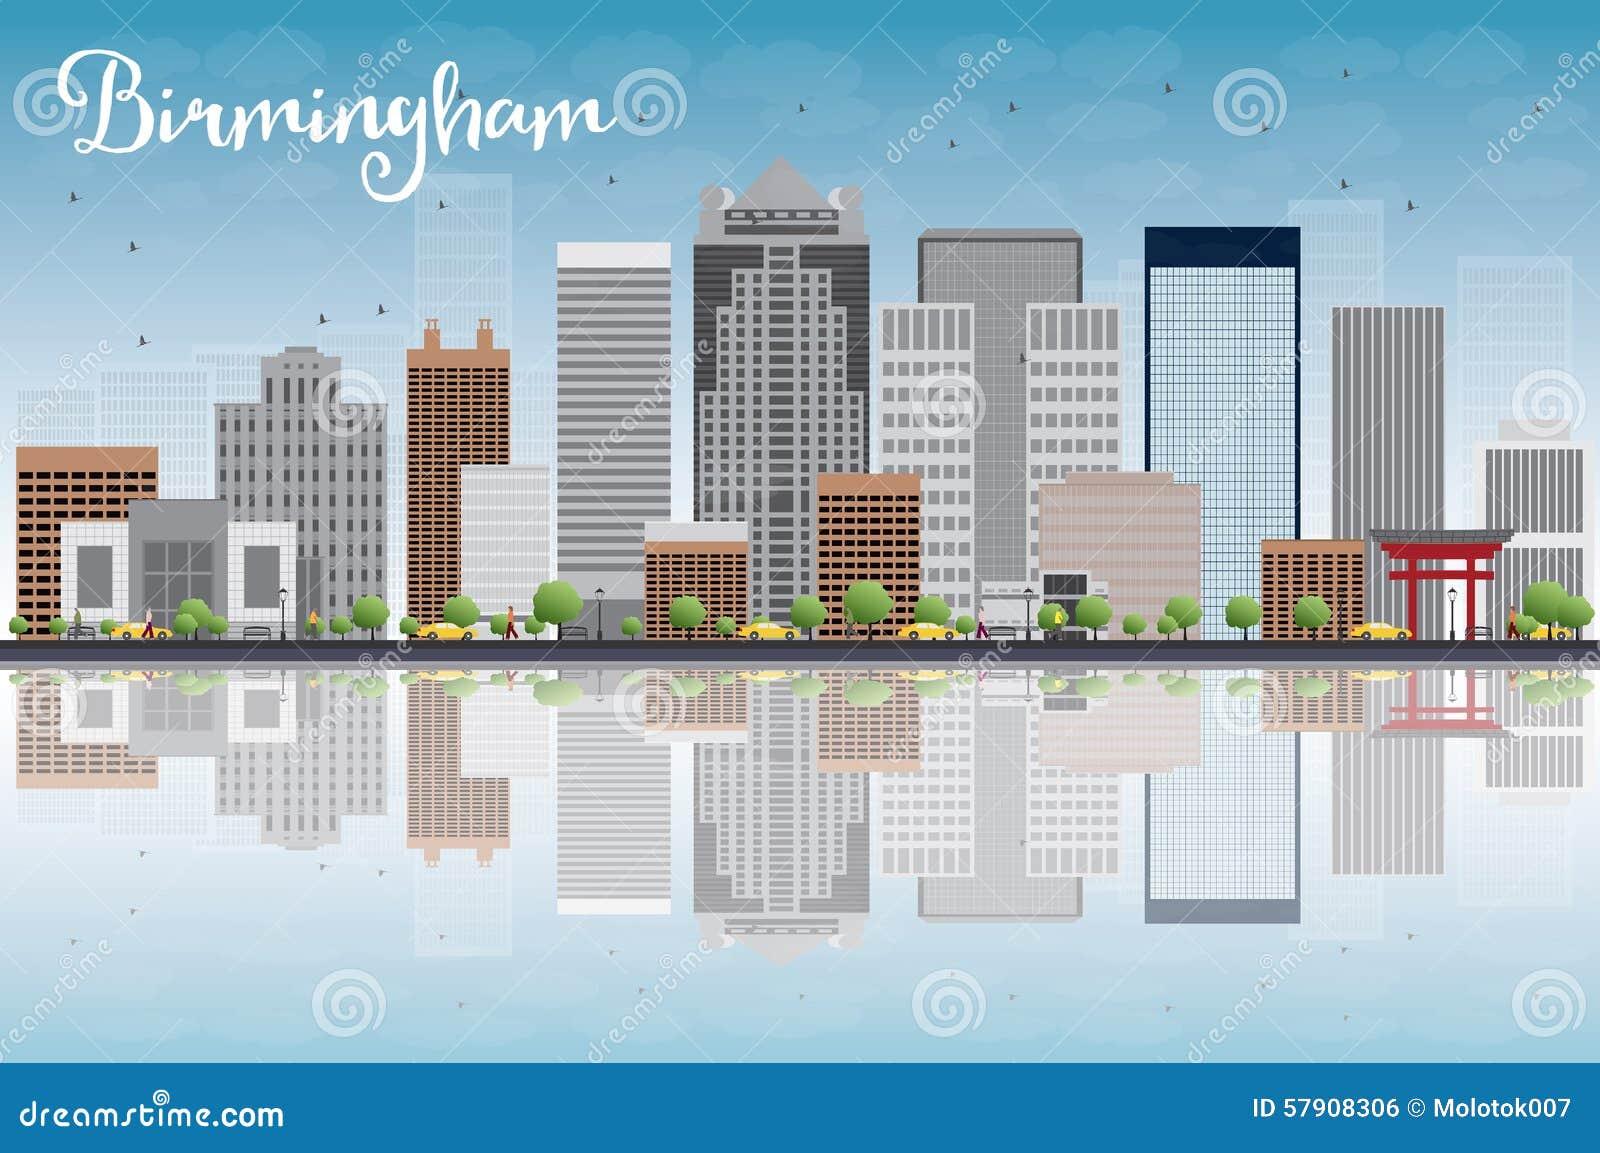 Vecteur clipart de main sur 201 cologie conscience image concept - Birmingham Alabama Clipart